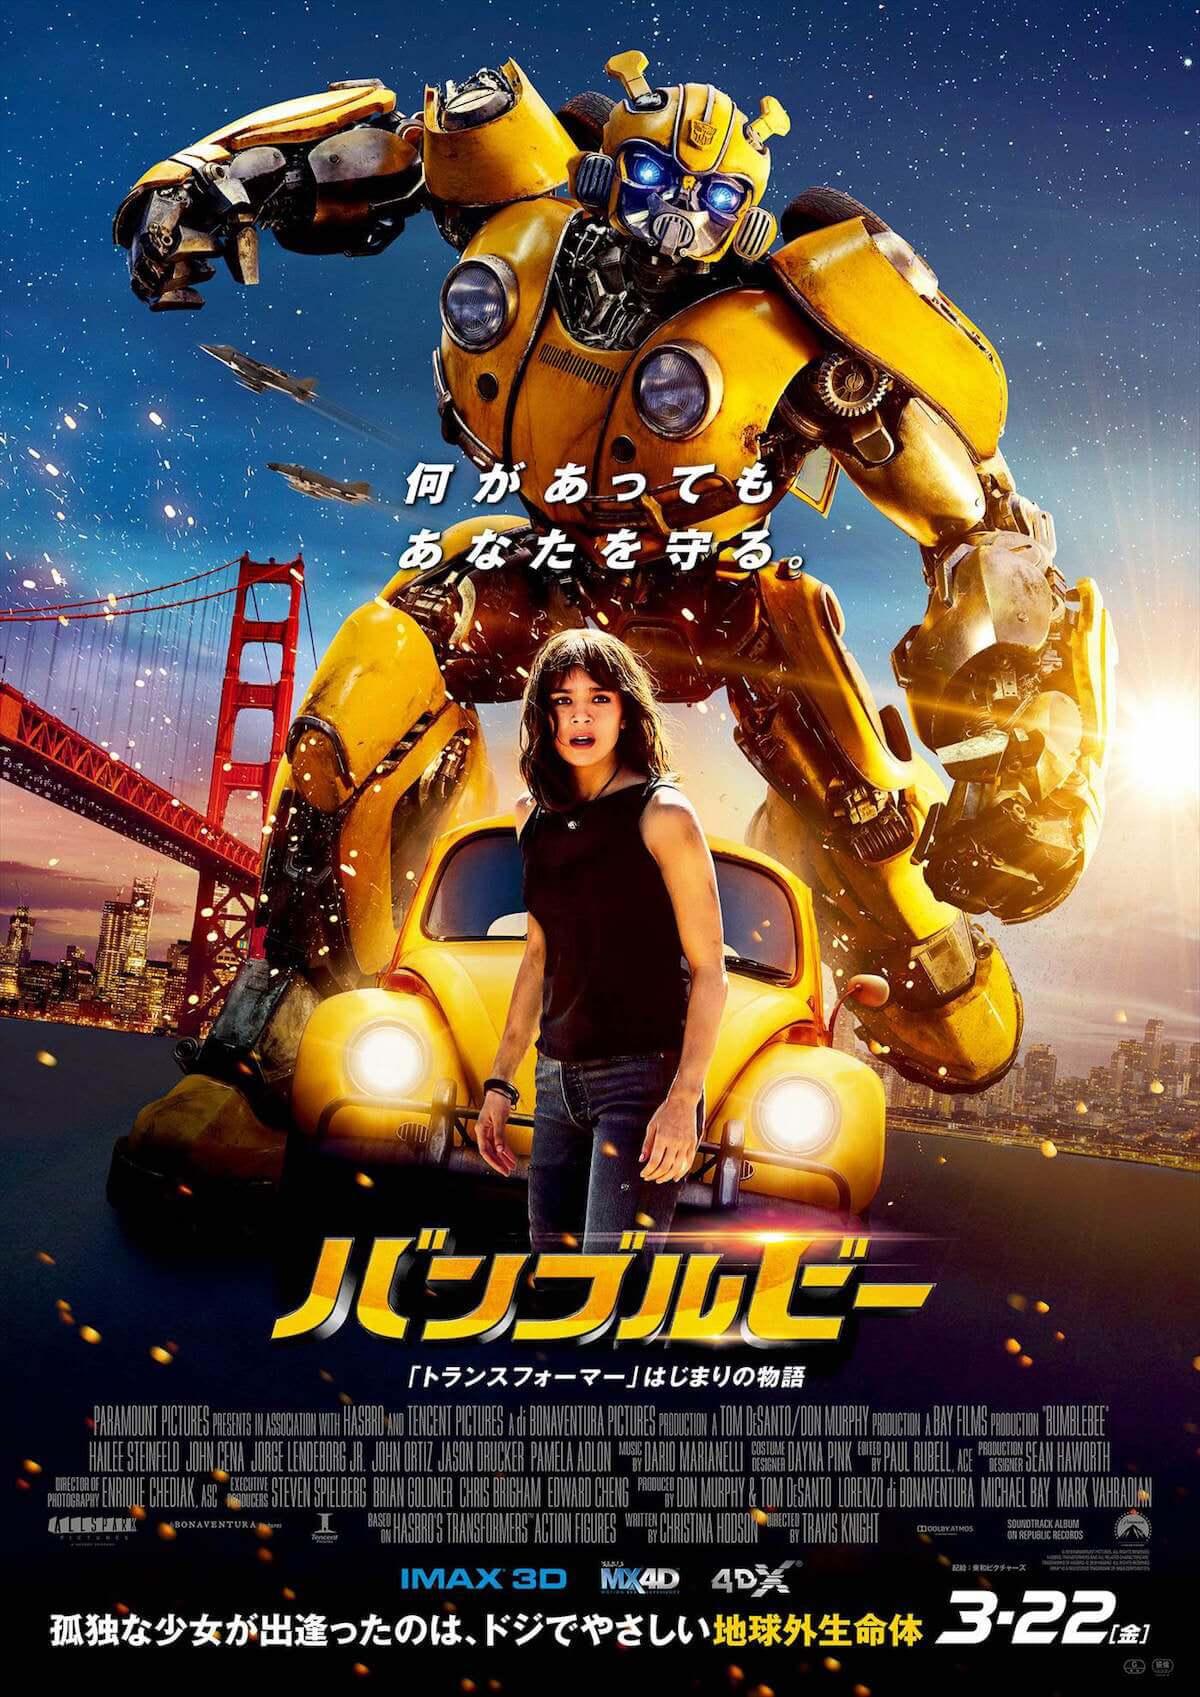 映画『バンブルビー』日本語版ポスター&新予告が解禁!最高の相棒と巡り会い、二人の運命が動き出す。 film181213_bumblebee-1200x1697